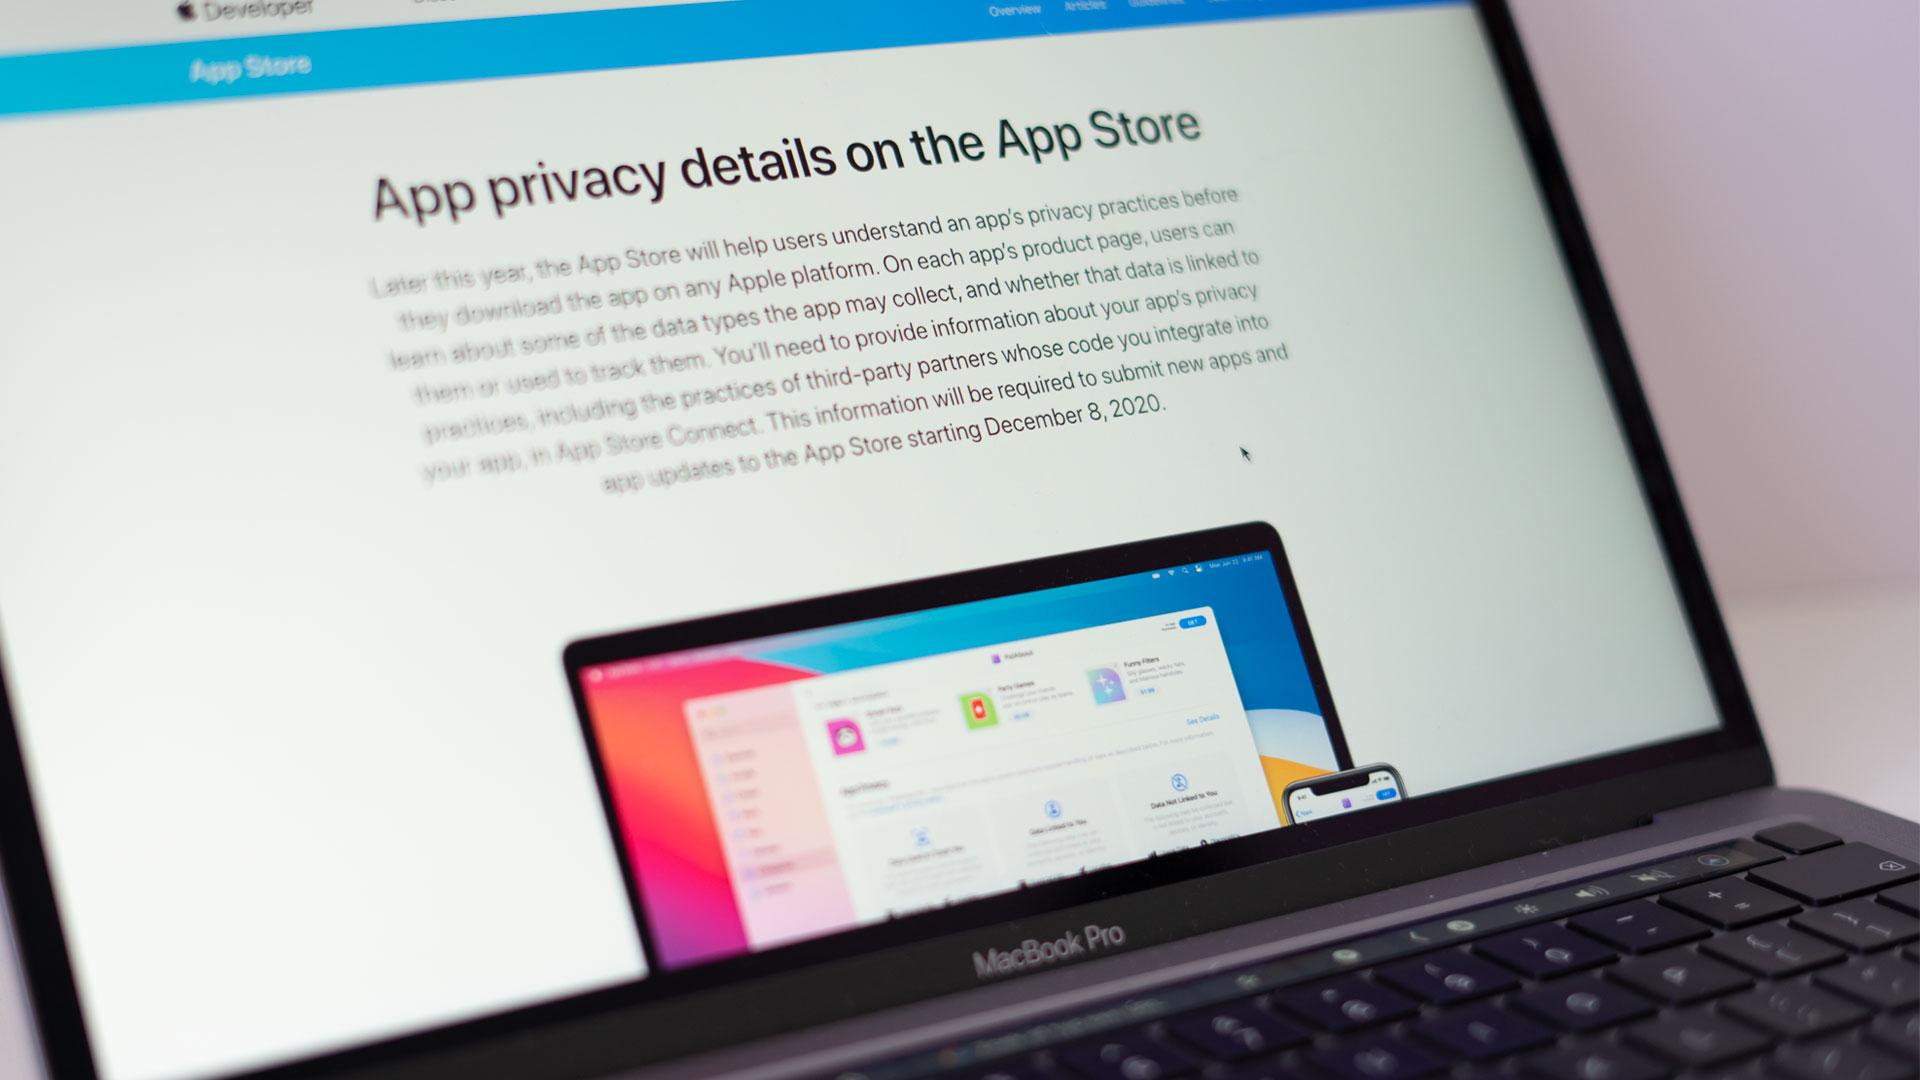 Apple verplicht App private details verplicht